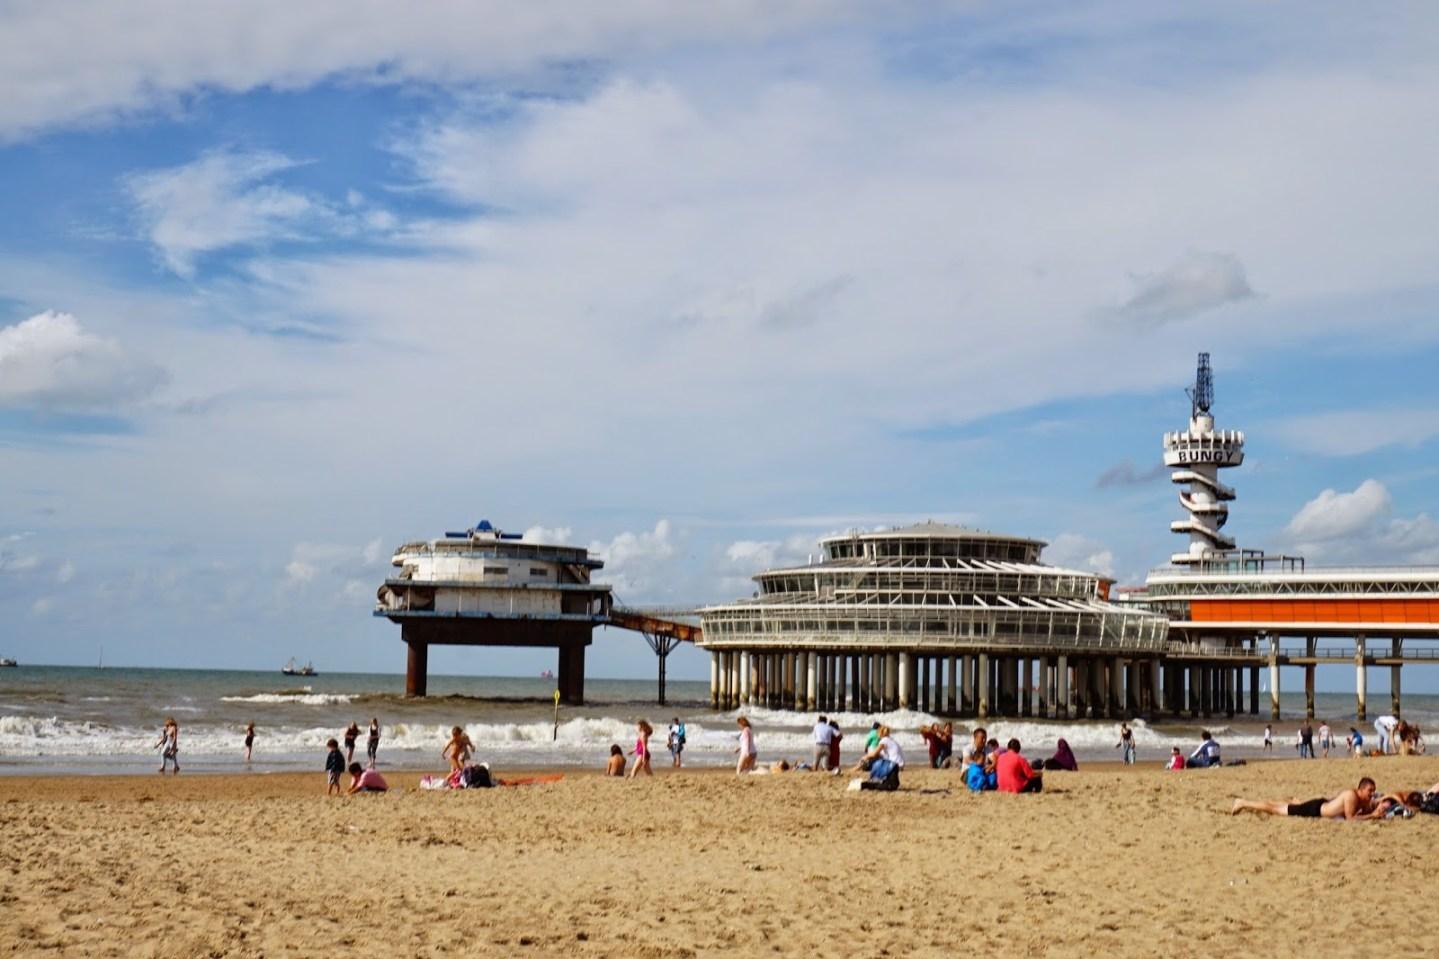 【2014 暫時逃離】海牙Den Haag|這下午,我看見了北海 Scheveningen Beach